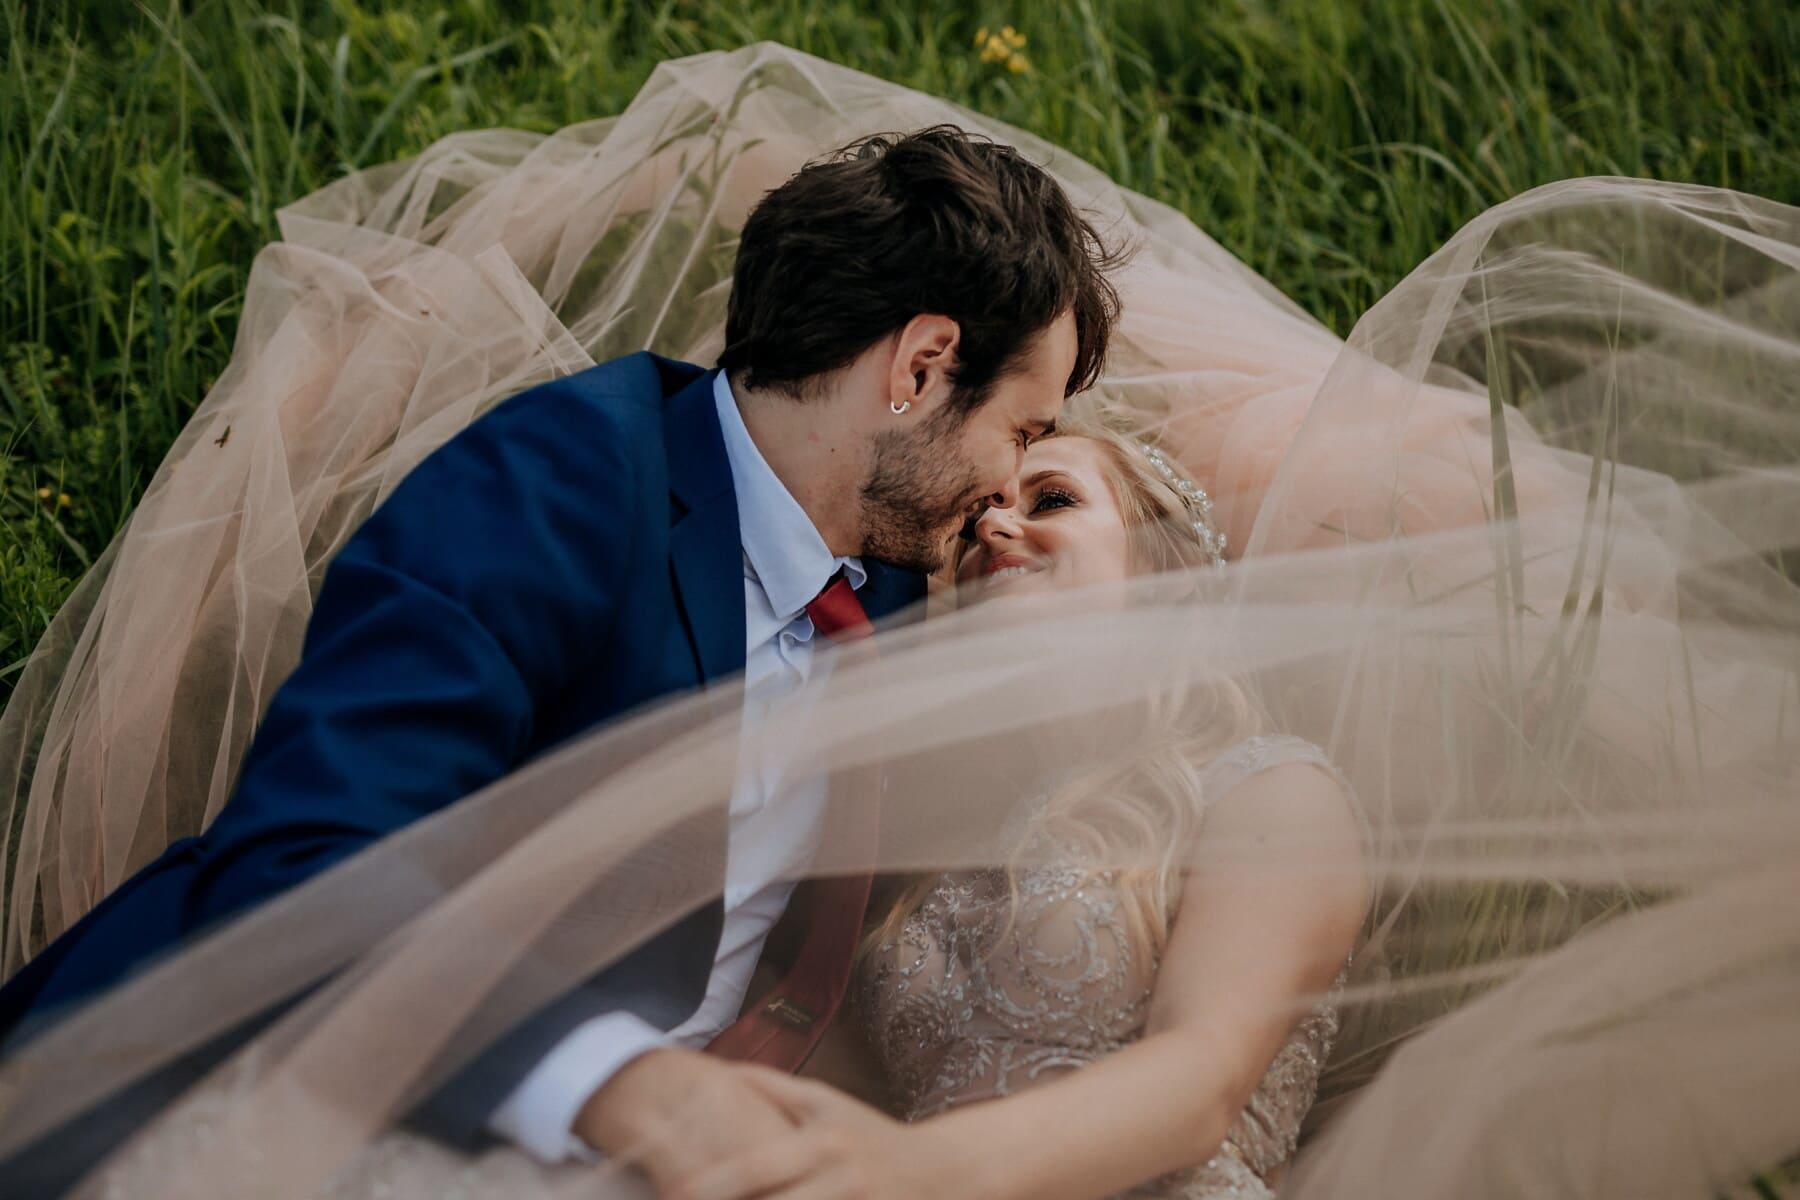 sarışın, kız arkadaşı, öpücük, Erkek, döşeme, çimen, aşk, damat, romantizm, Çift